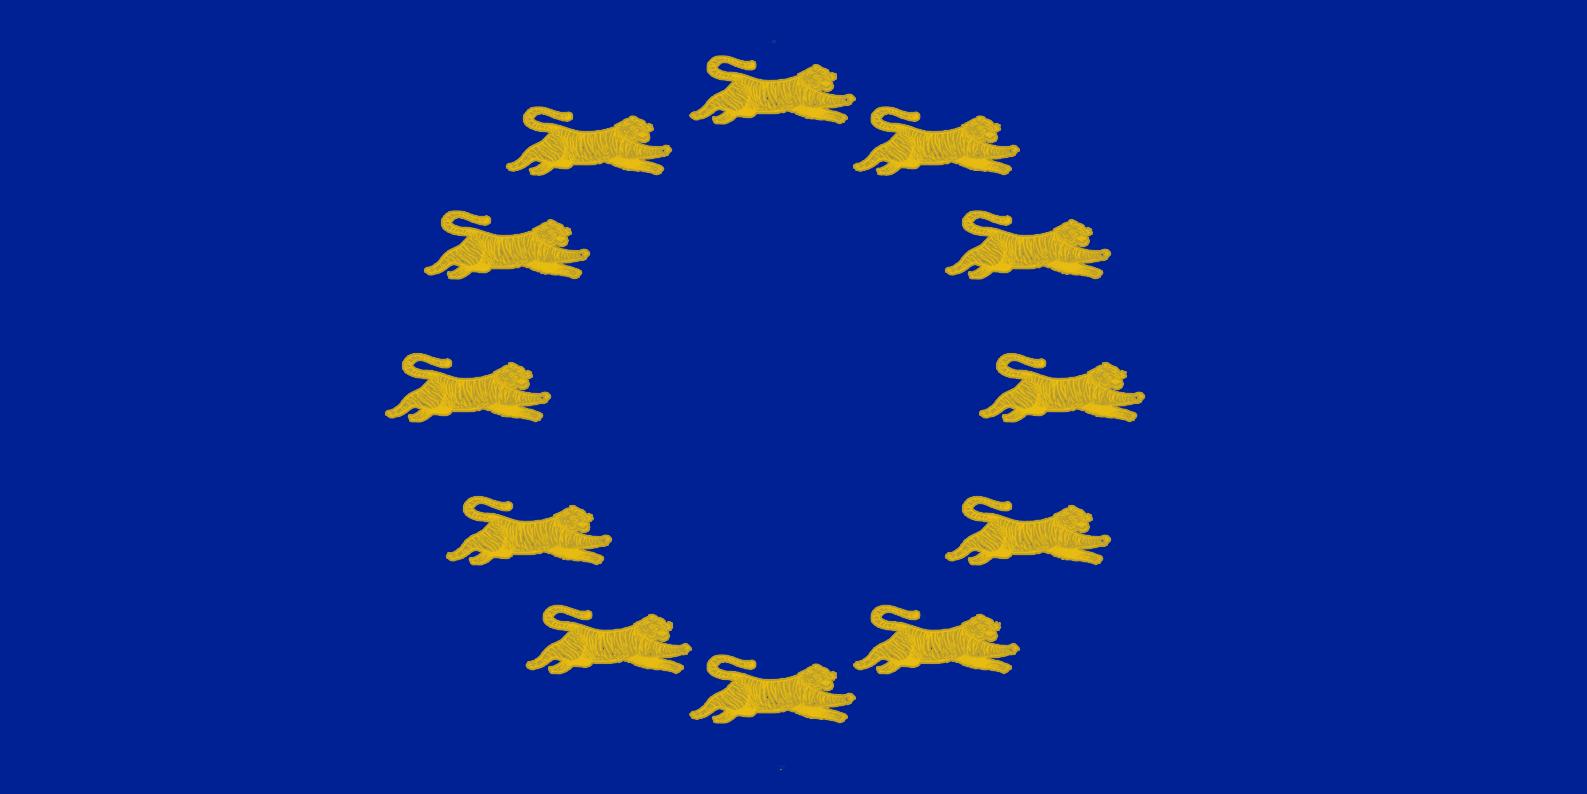 eu_flag.png